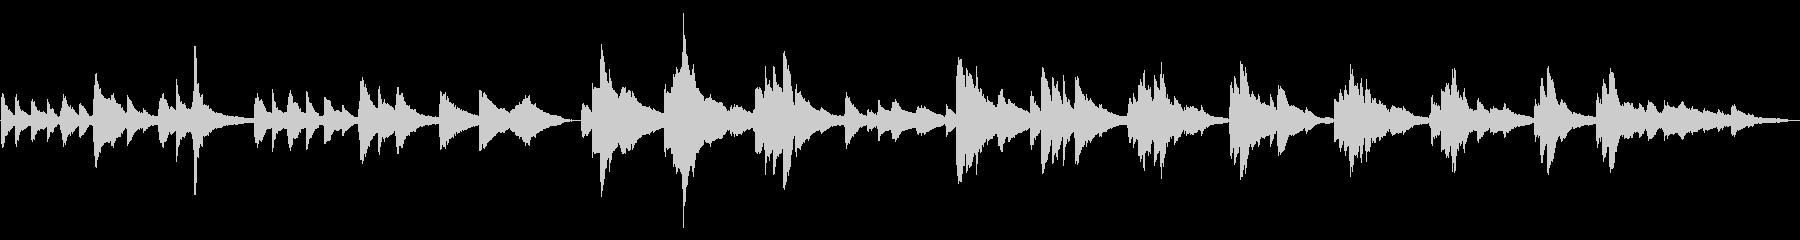 優しい音色のピアノソロ 回想シーンにの未再生の波形